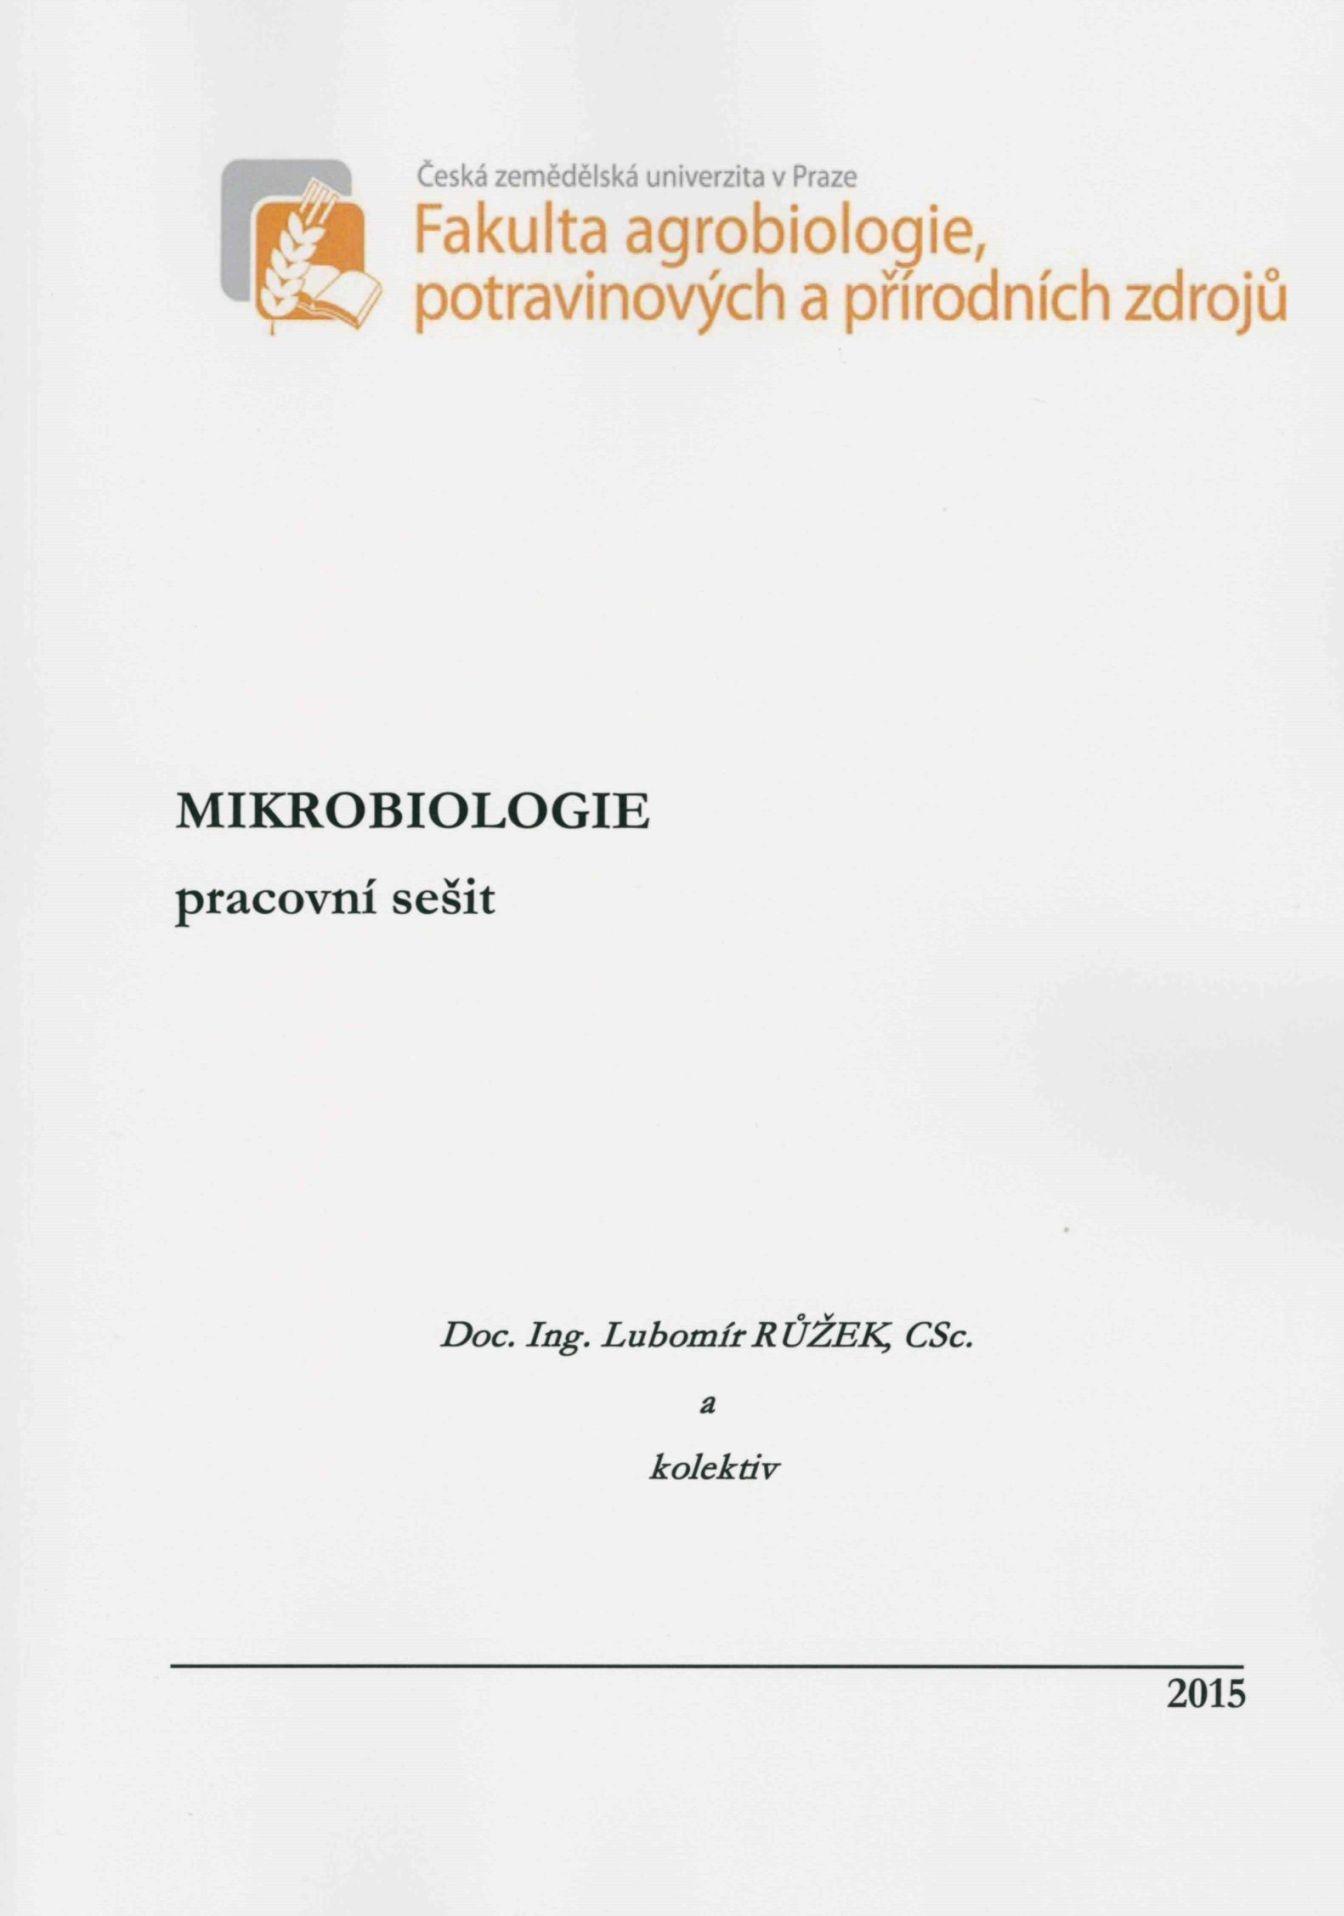 Mikrobiologie - pracovní sešit